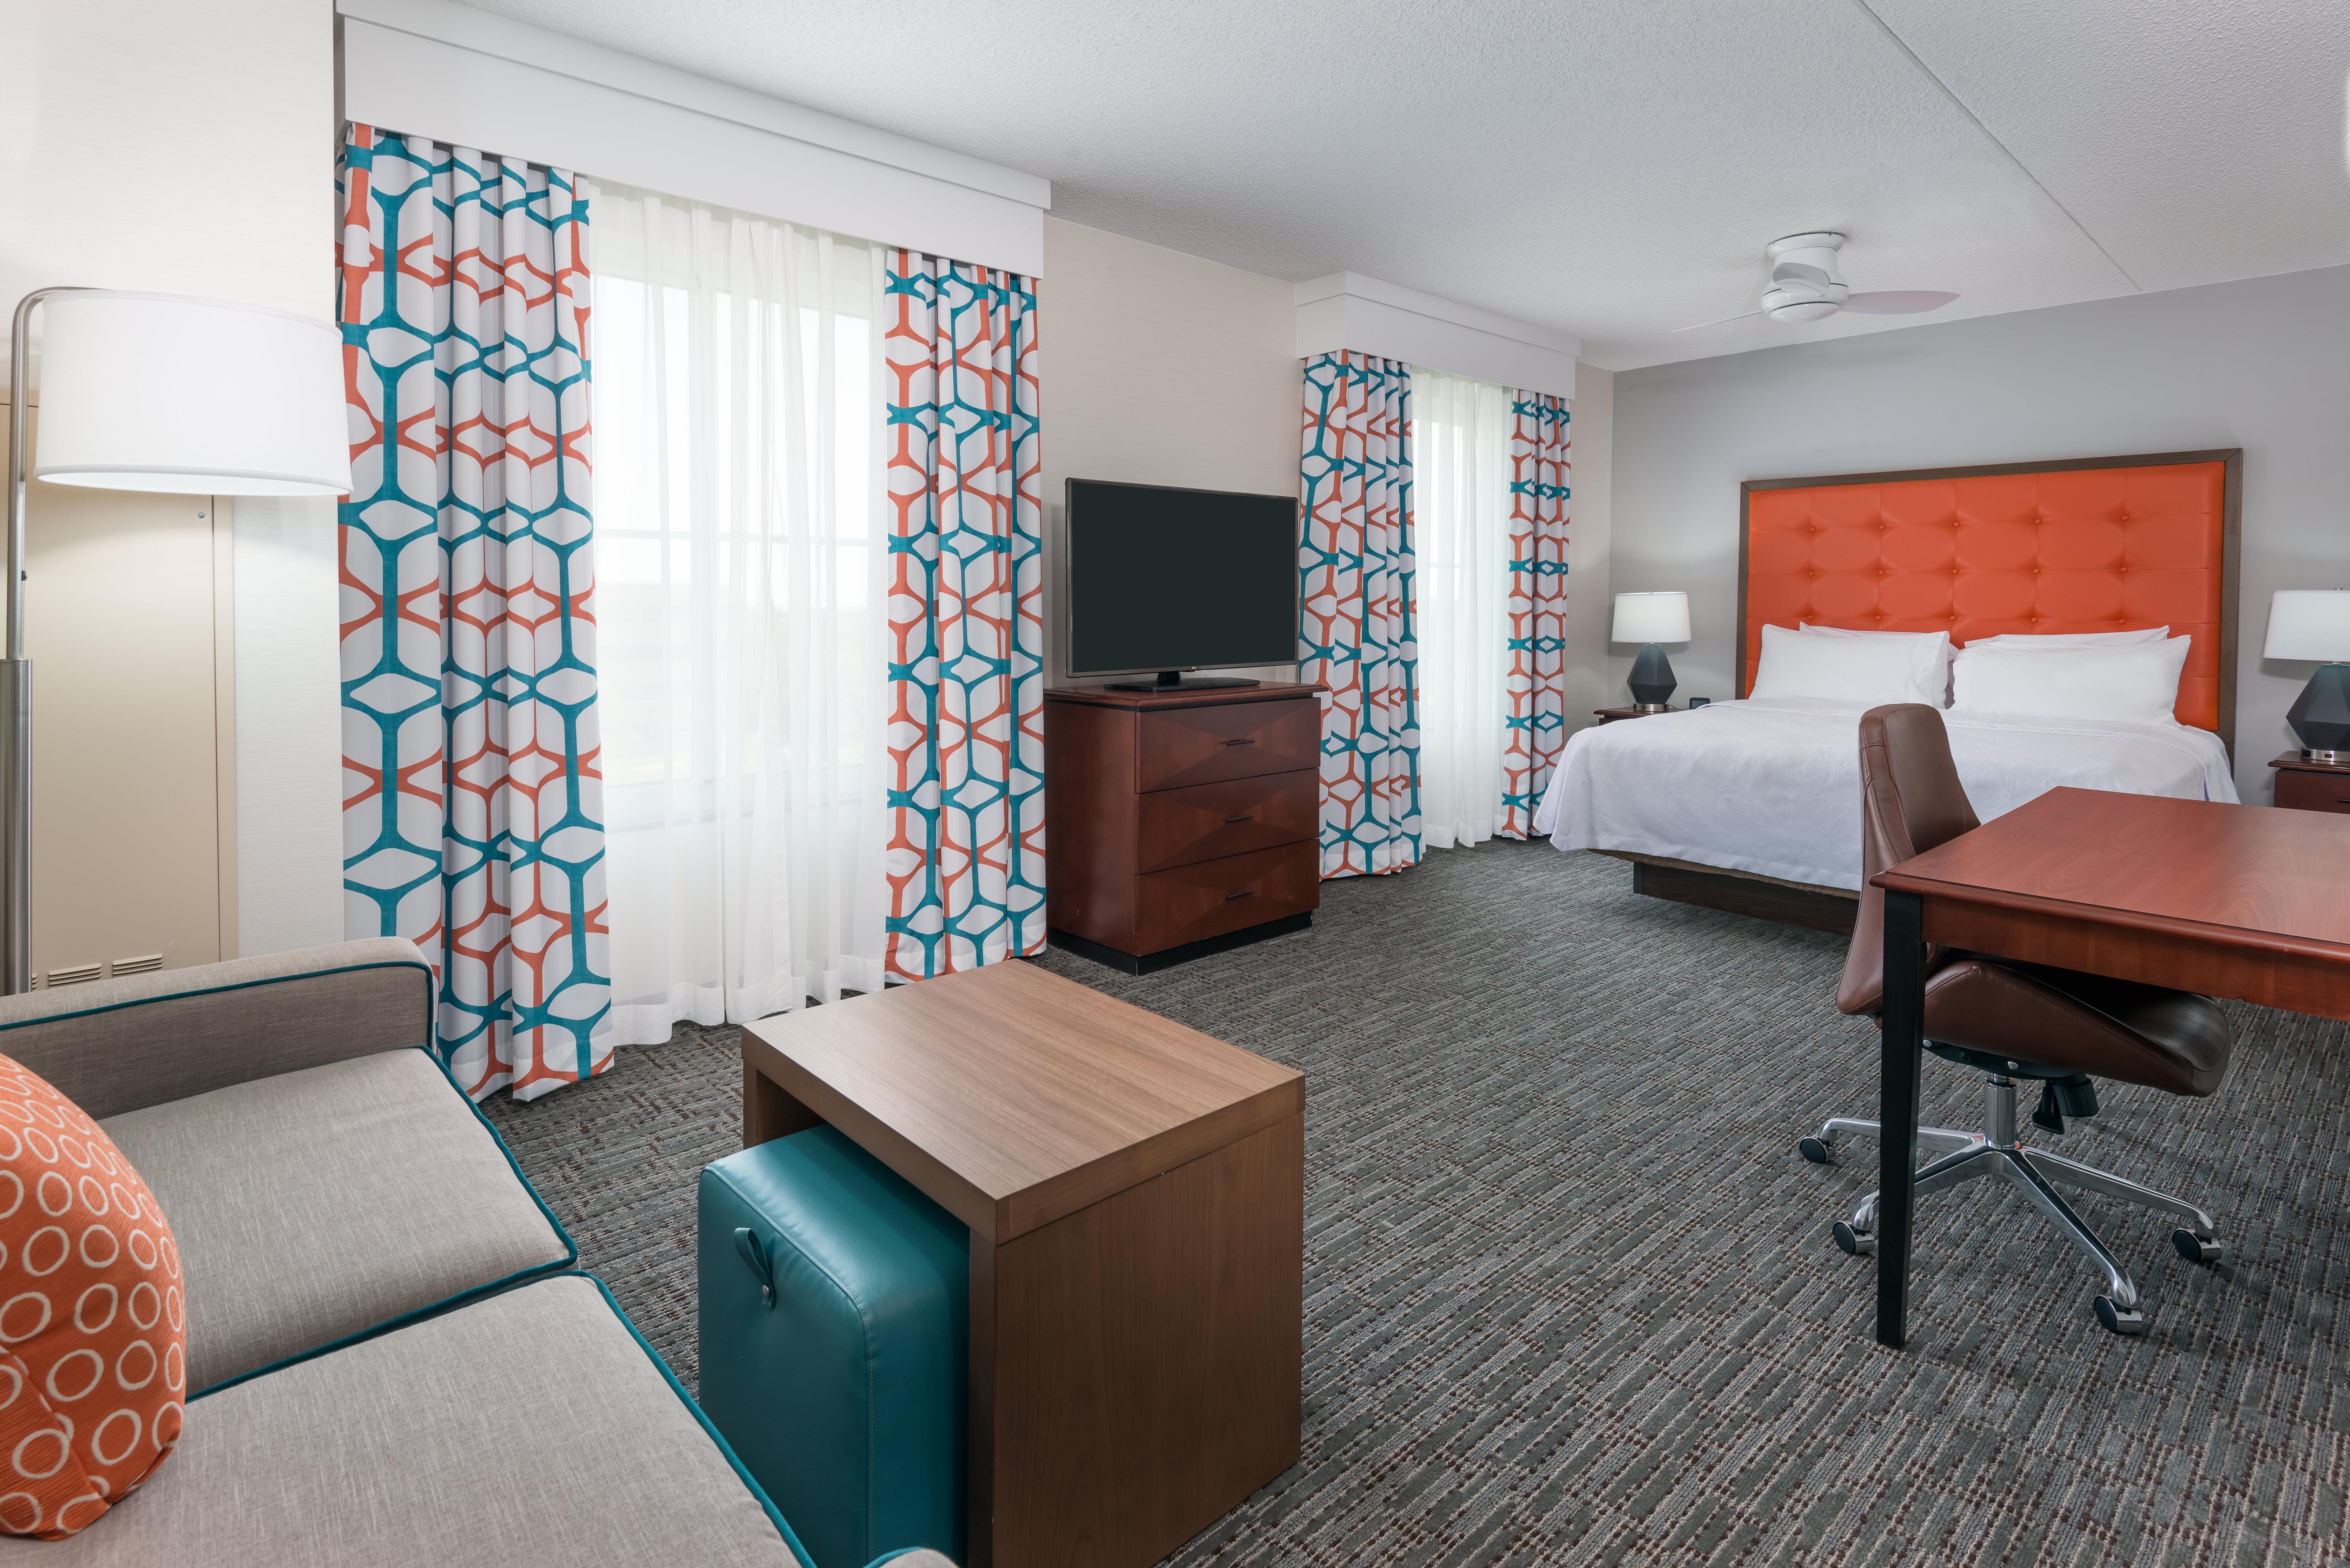 Homewood Suites by Hilton Cleveland-Beachwood image 9